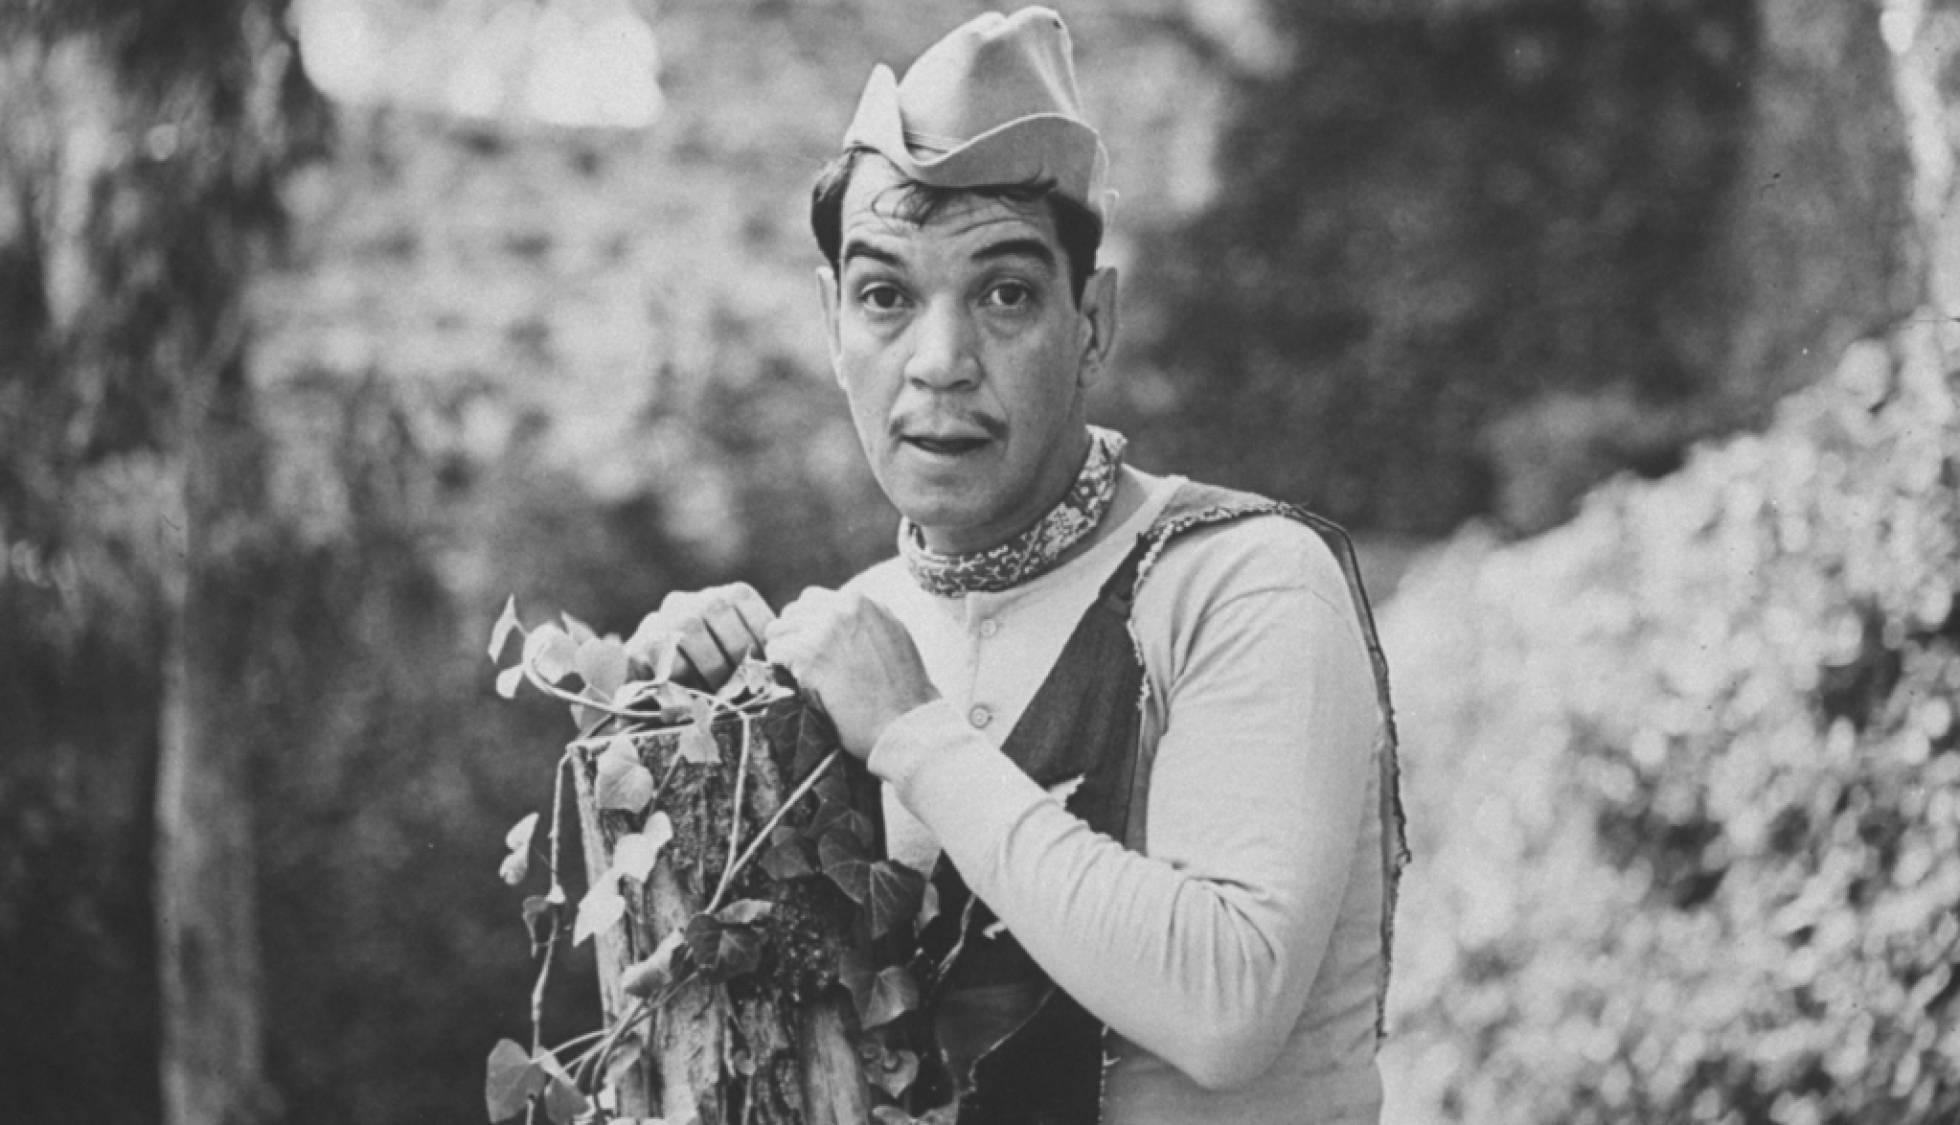 Cantinflas, un cómico inolvidable 25 años después de su muerte